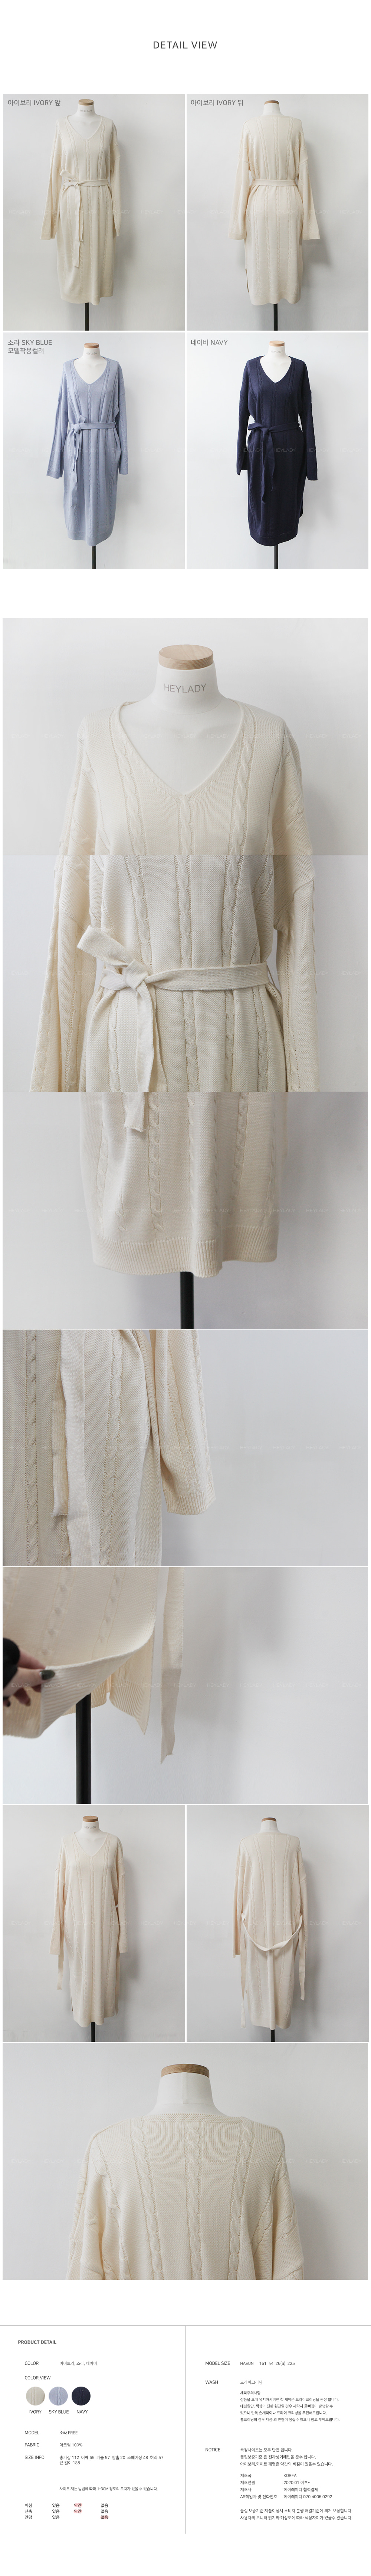 Hornel Knit Dress